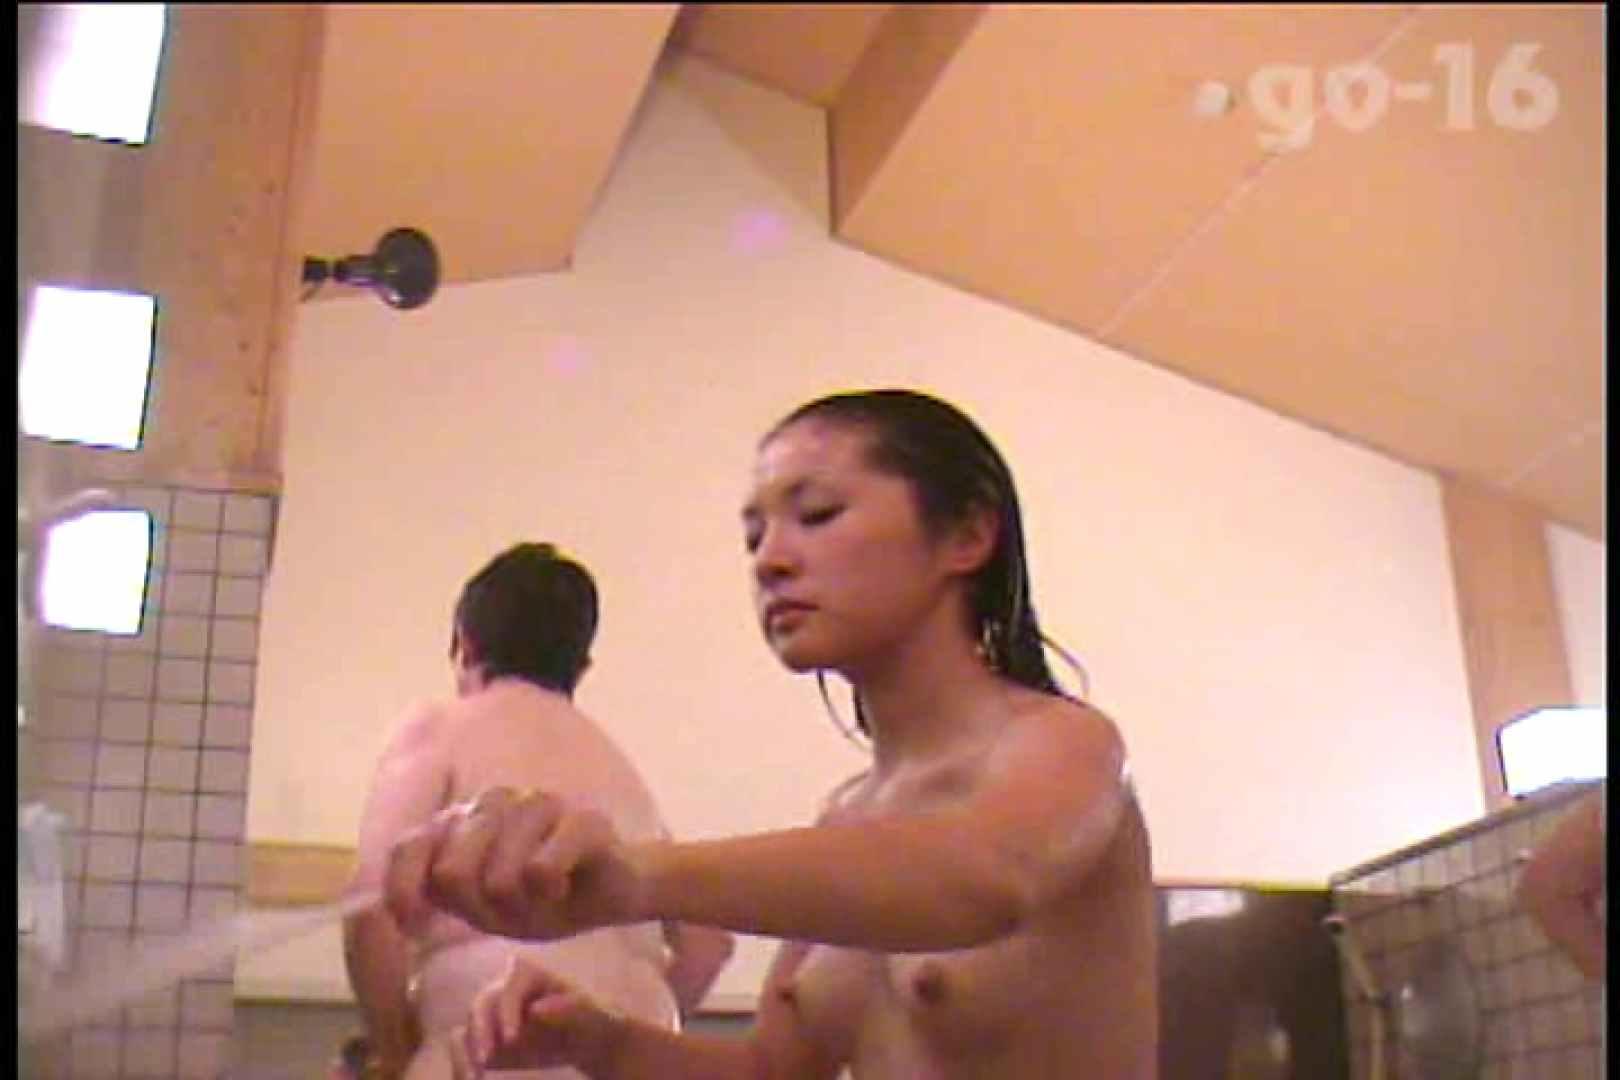 電波カメラ設置浴場からの防HAN映像 Vol.16 色っぽいOL達 ヌード画像 77pic 8